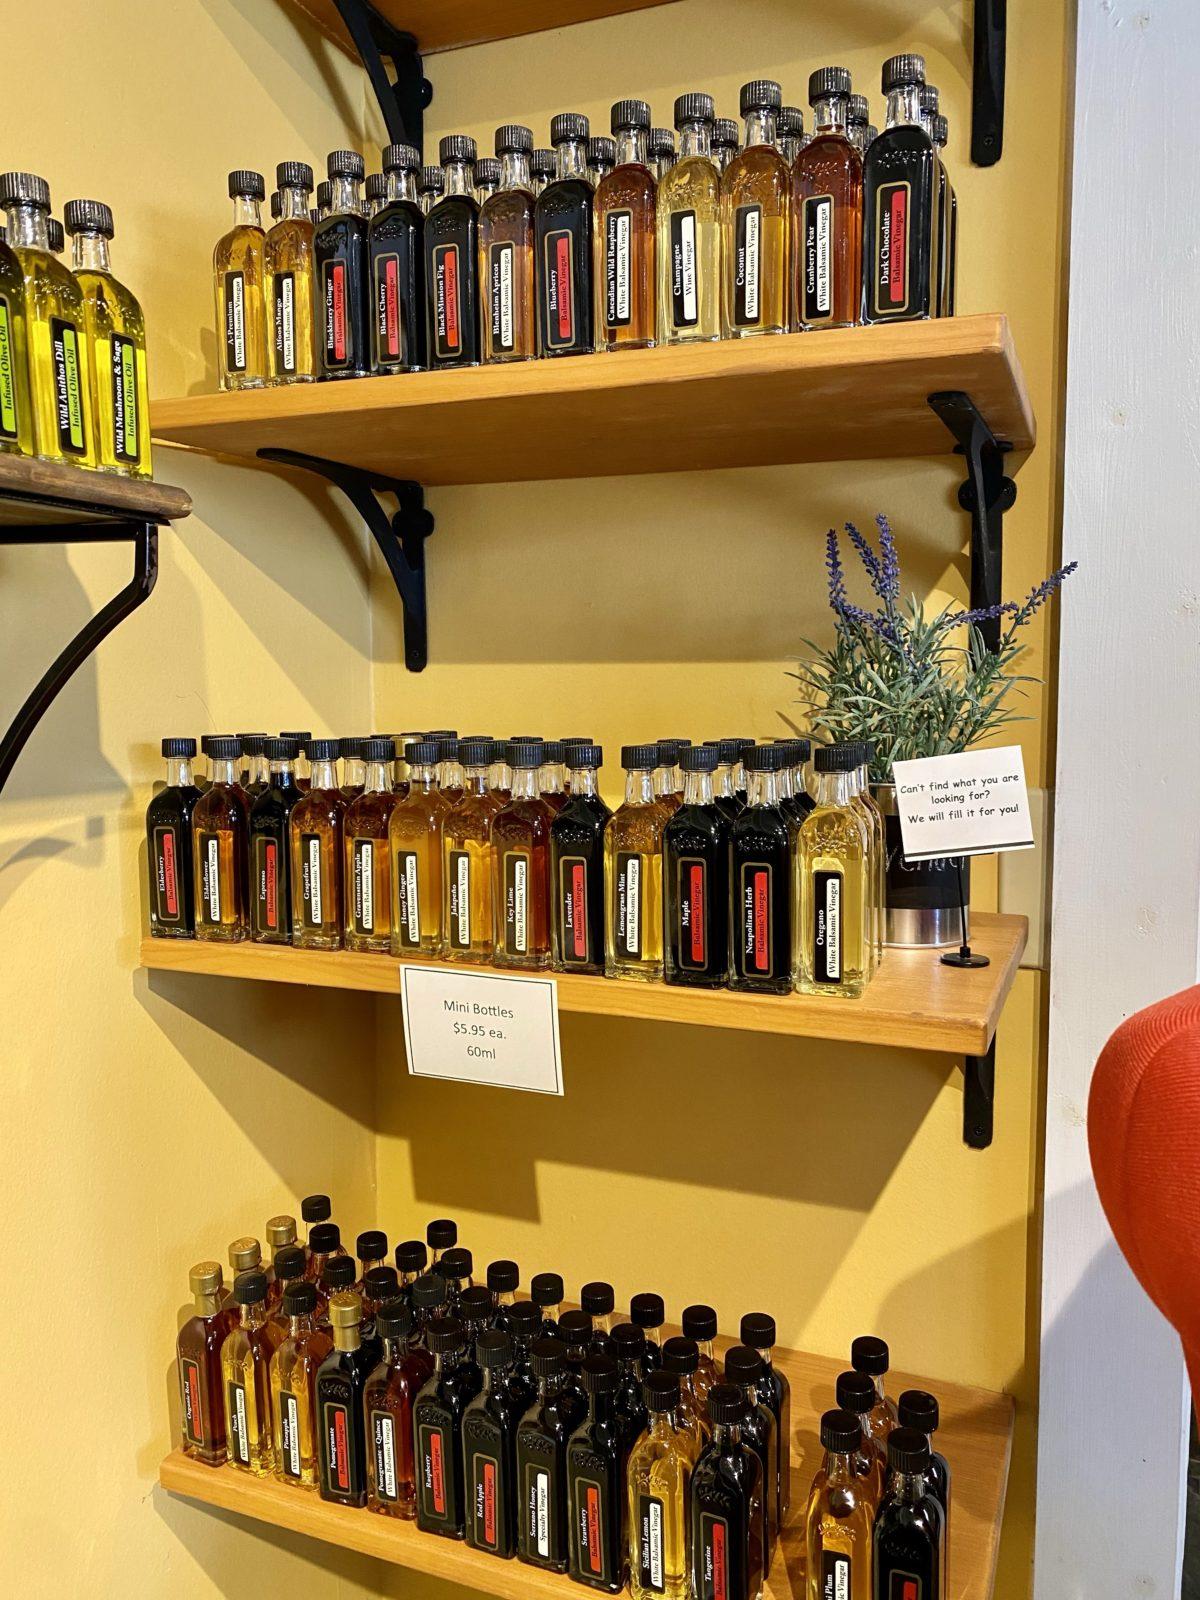 Olive Oil & Balsamic Tasting Store mini bottles